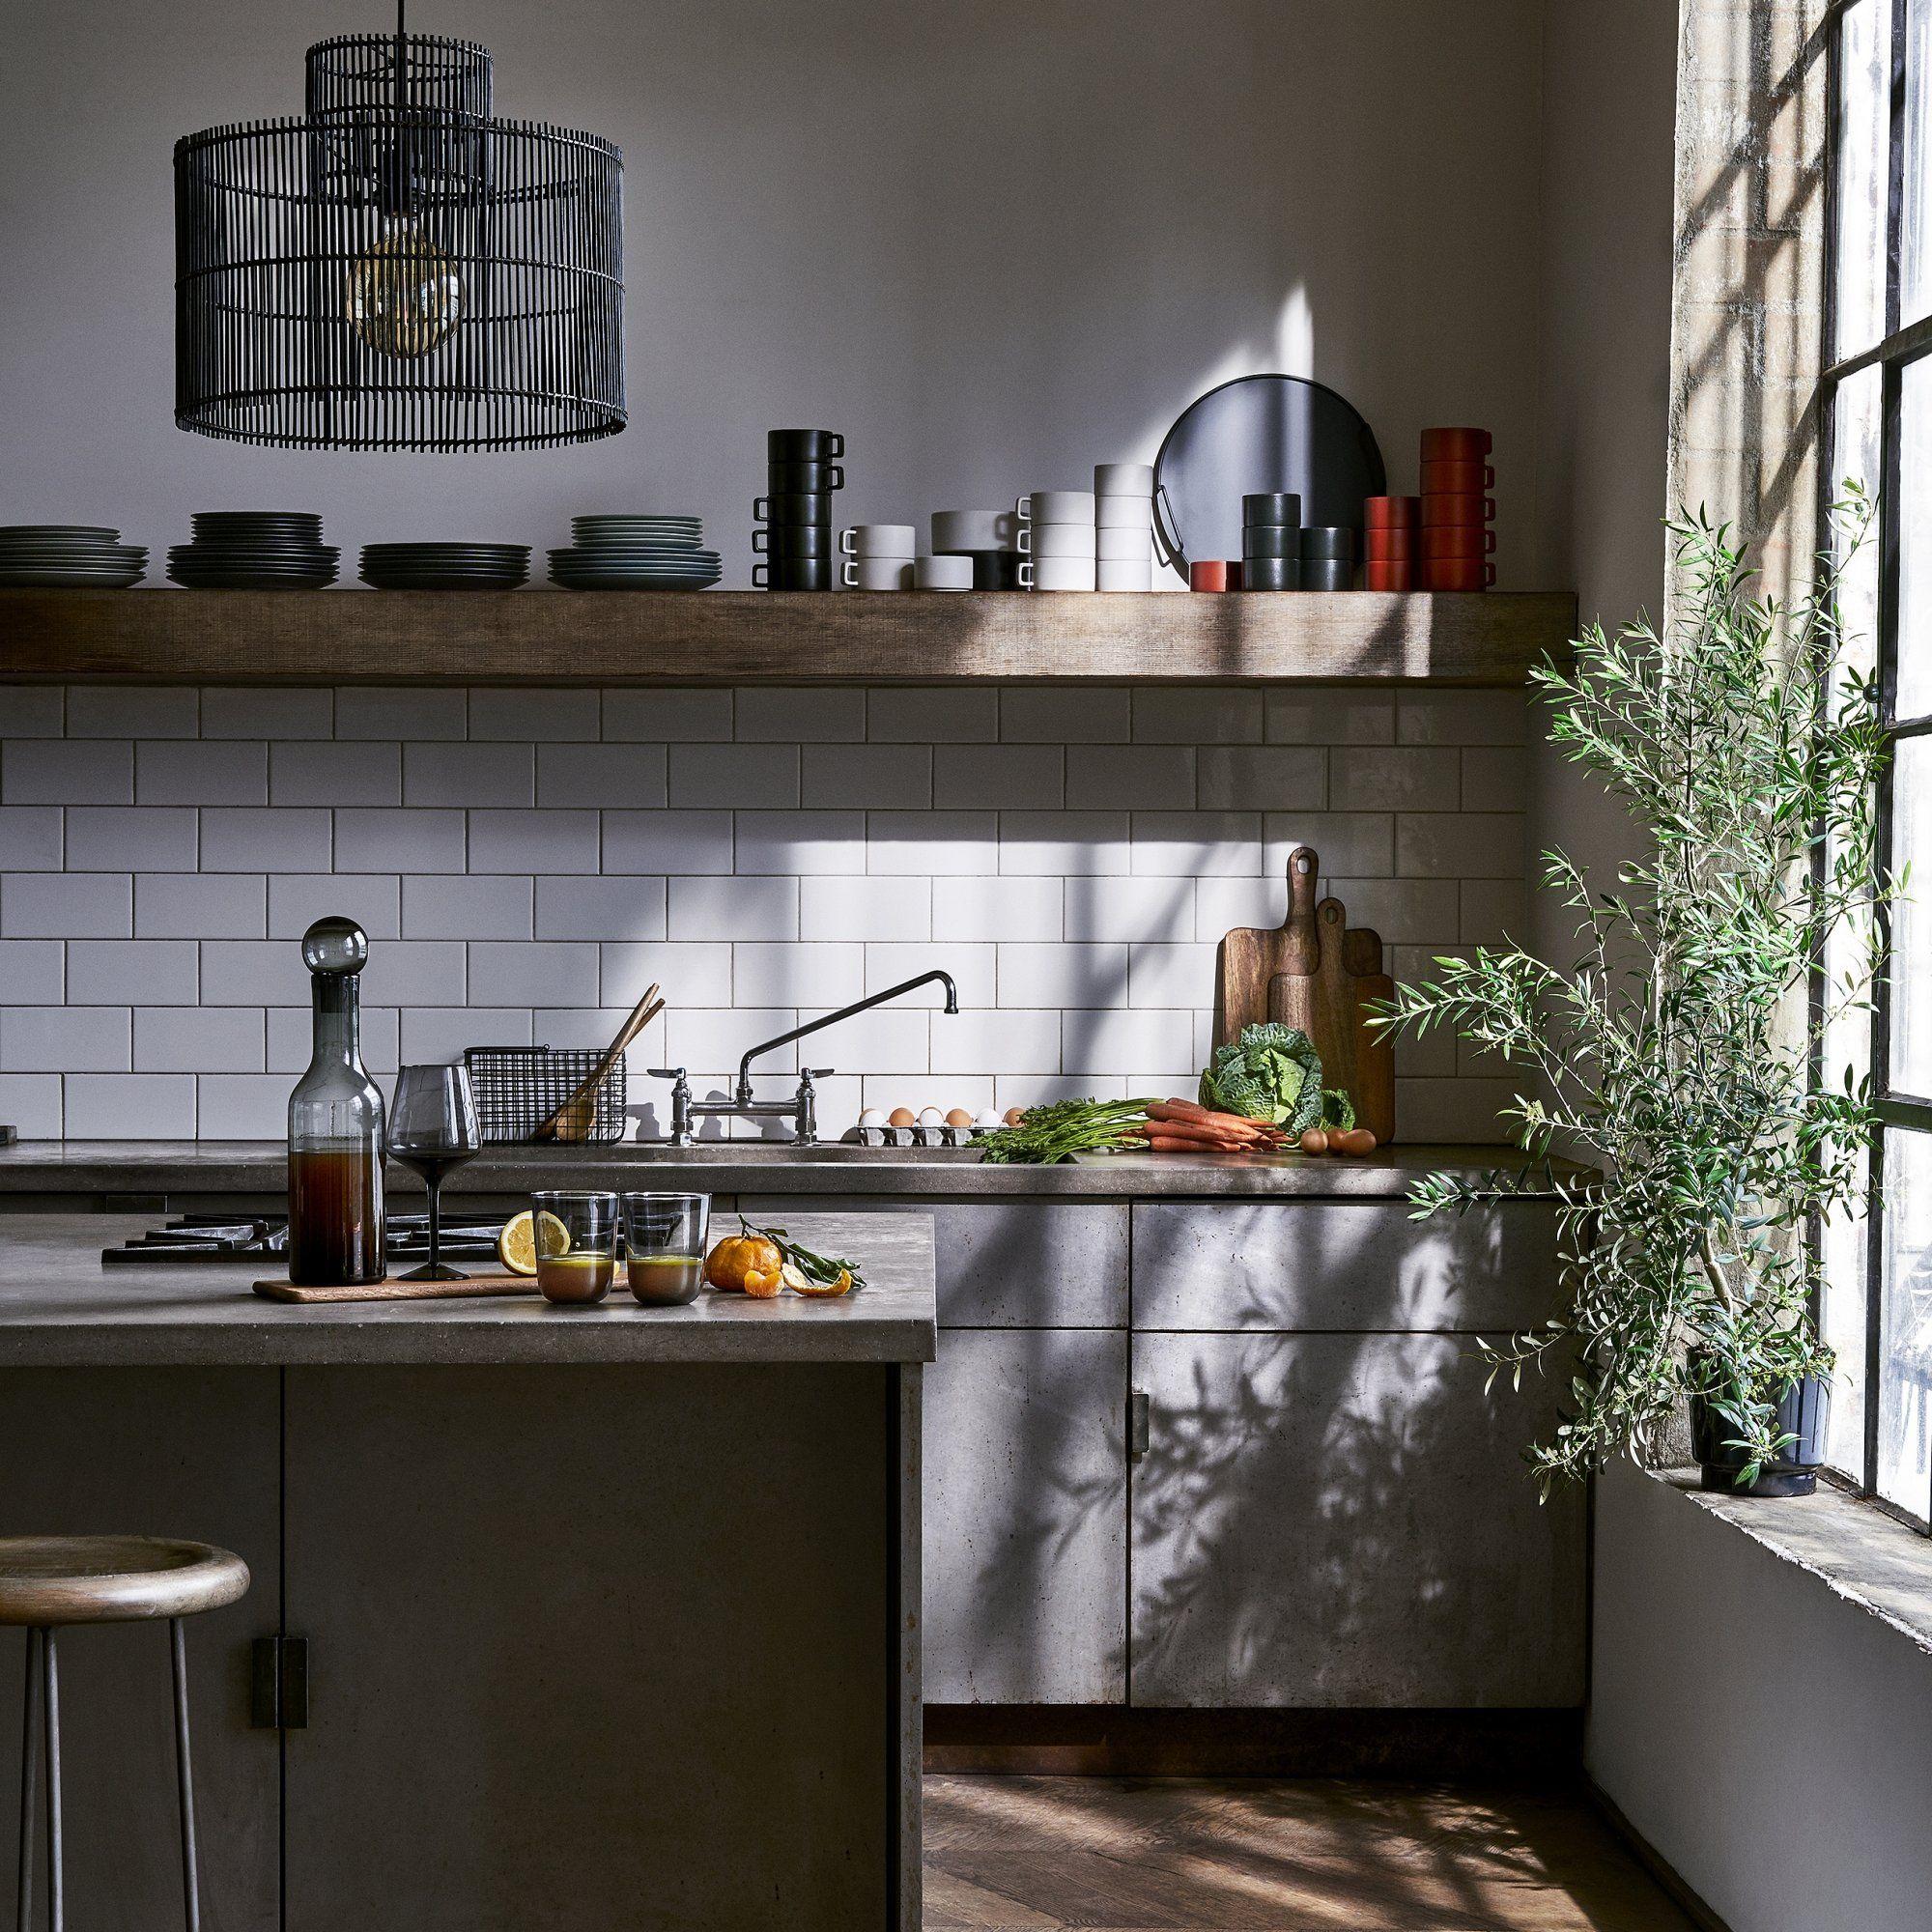 Les 10 Tendances Déco Que L'On Va Voir Partout En 2019 intérieur Refaire Sa Cuisine Sans Changer Les Meubles